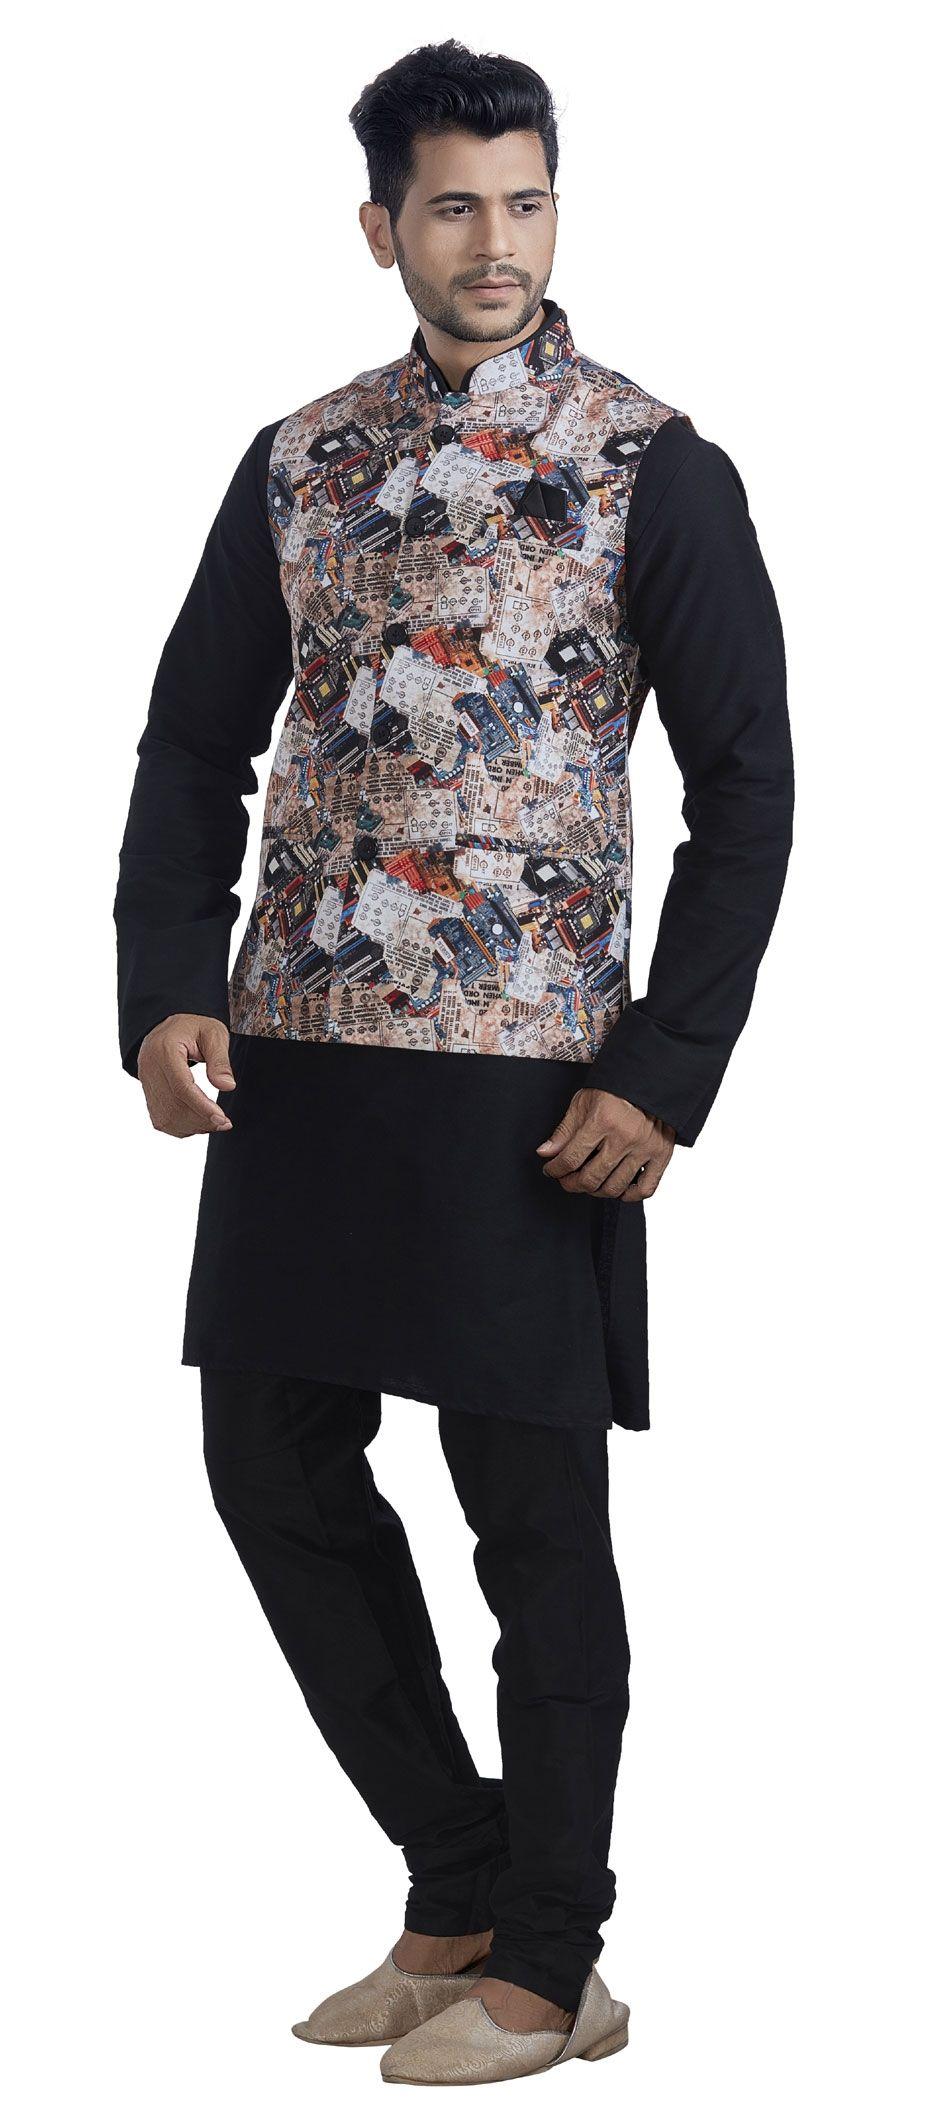 af30cca7d9 1501474: Black and Grey color Jute, Silk fabric Kurta Pyjama with Jacket